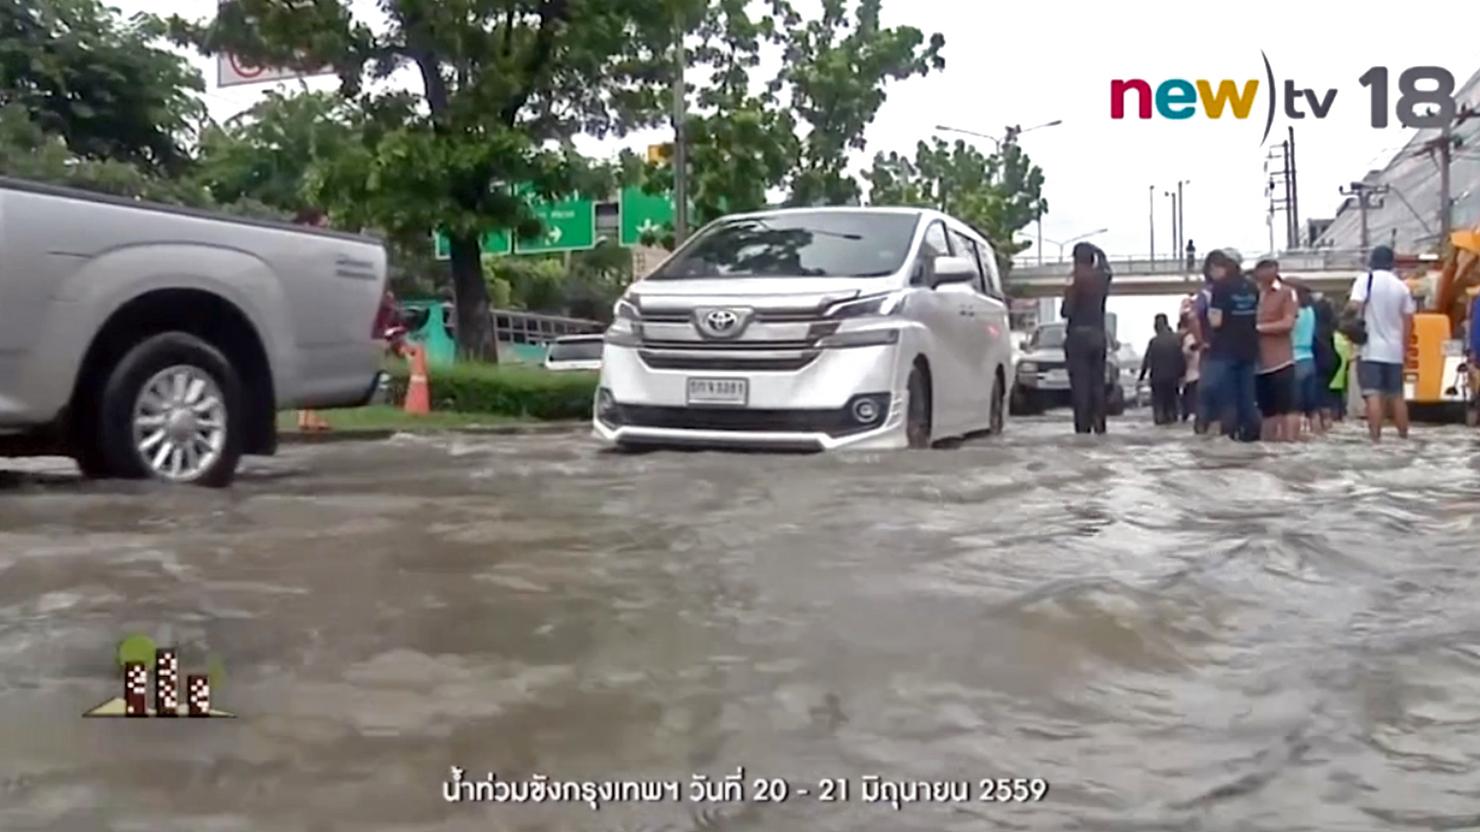 น้ำท่วมขัง ปัญหาเมืองกรุง